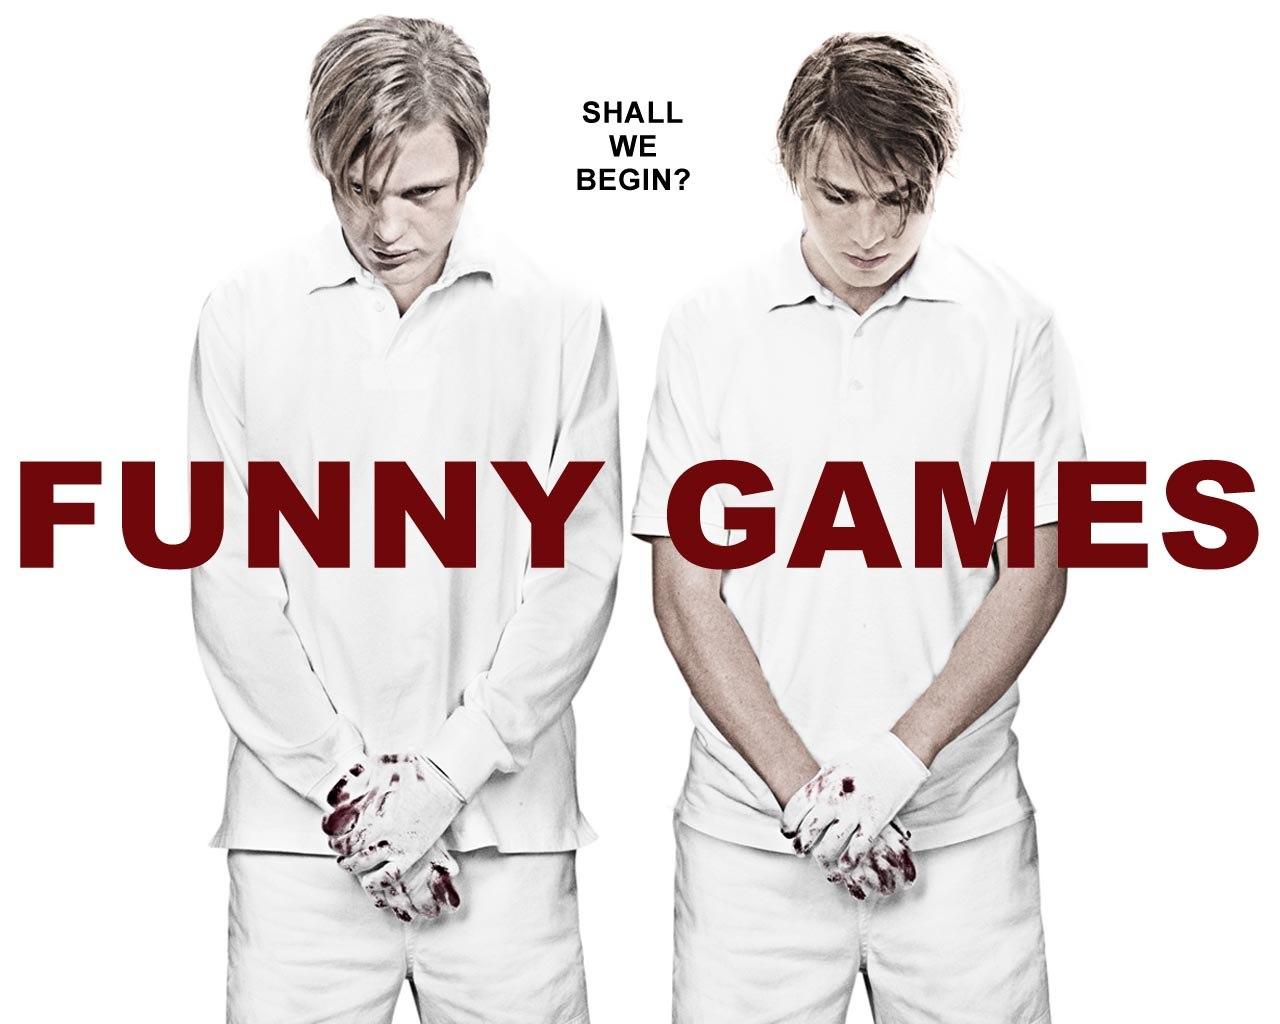 Dopo dieci anni dall uscita del primo funny games lo stesso regista